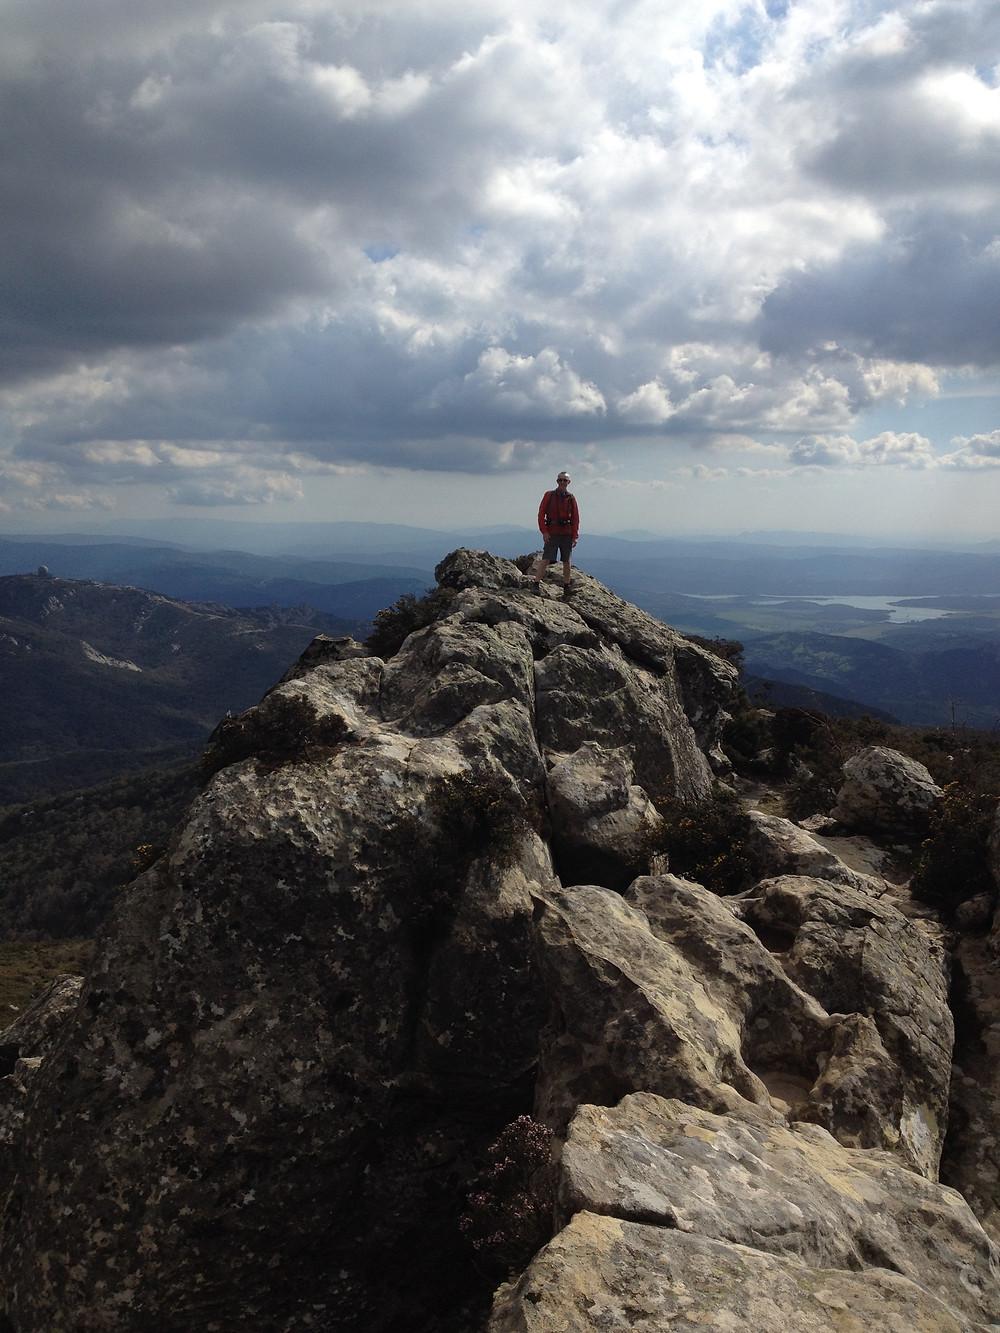 El Aljibe summit, Los Alcornocales Natural Park